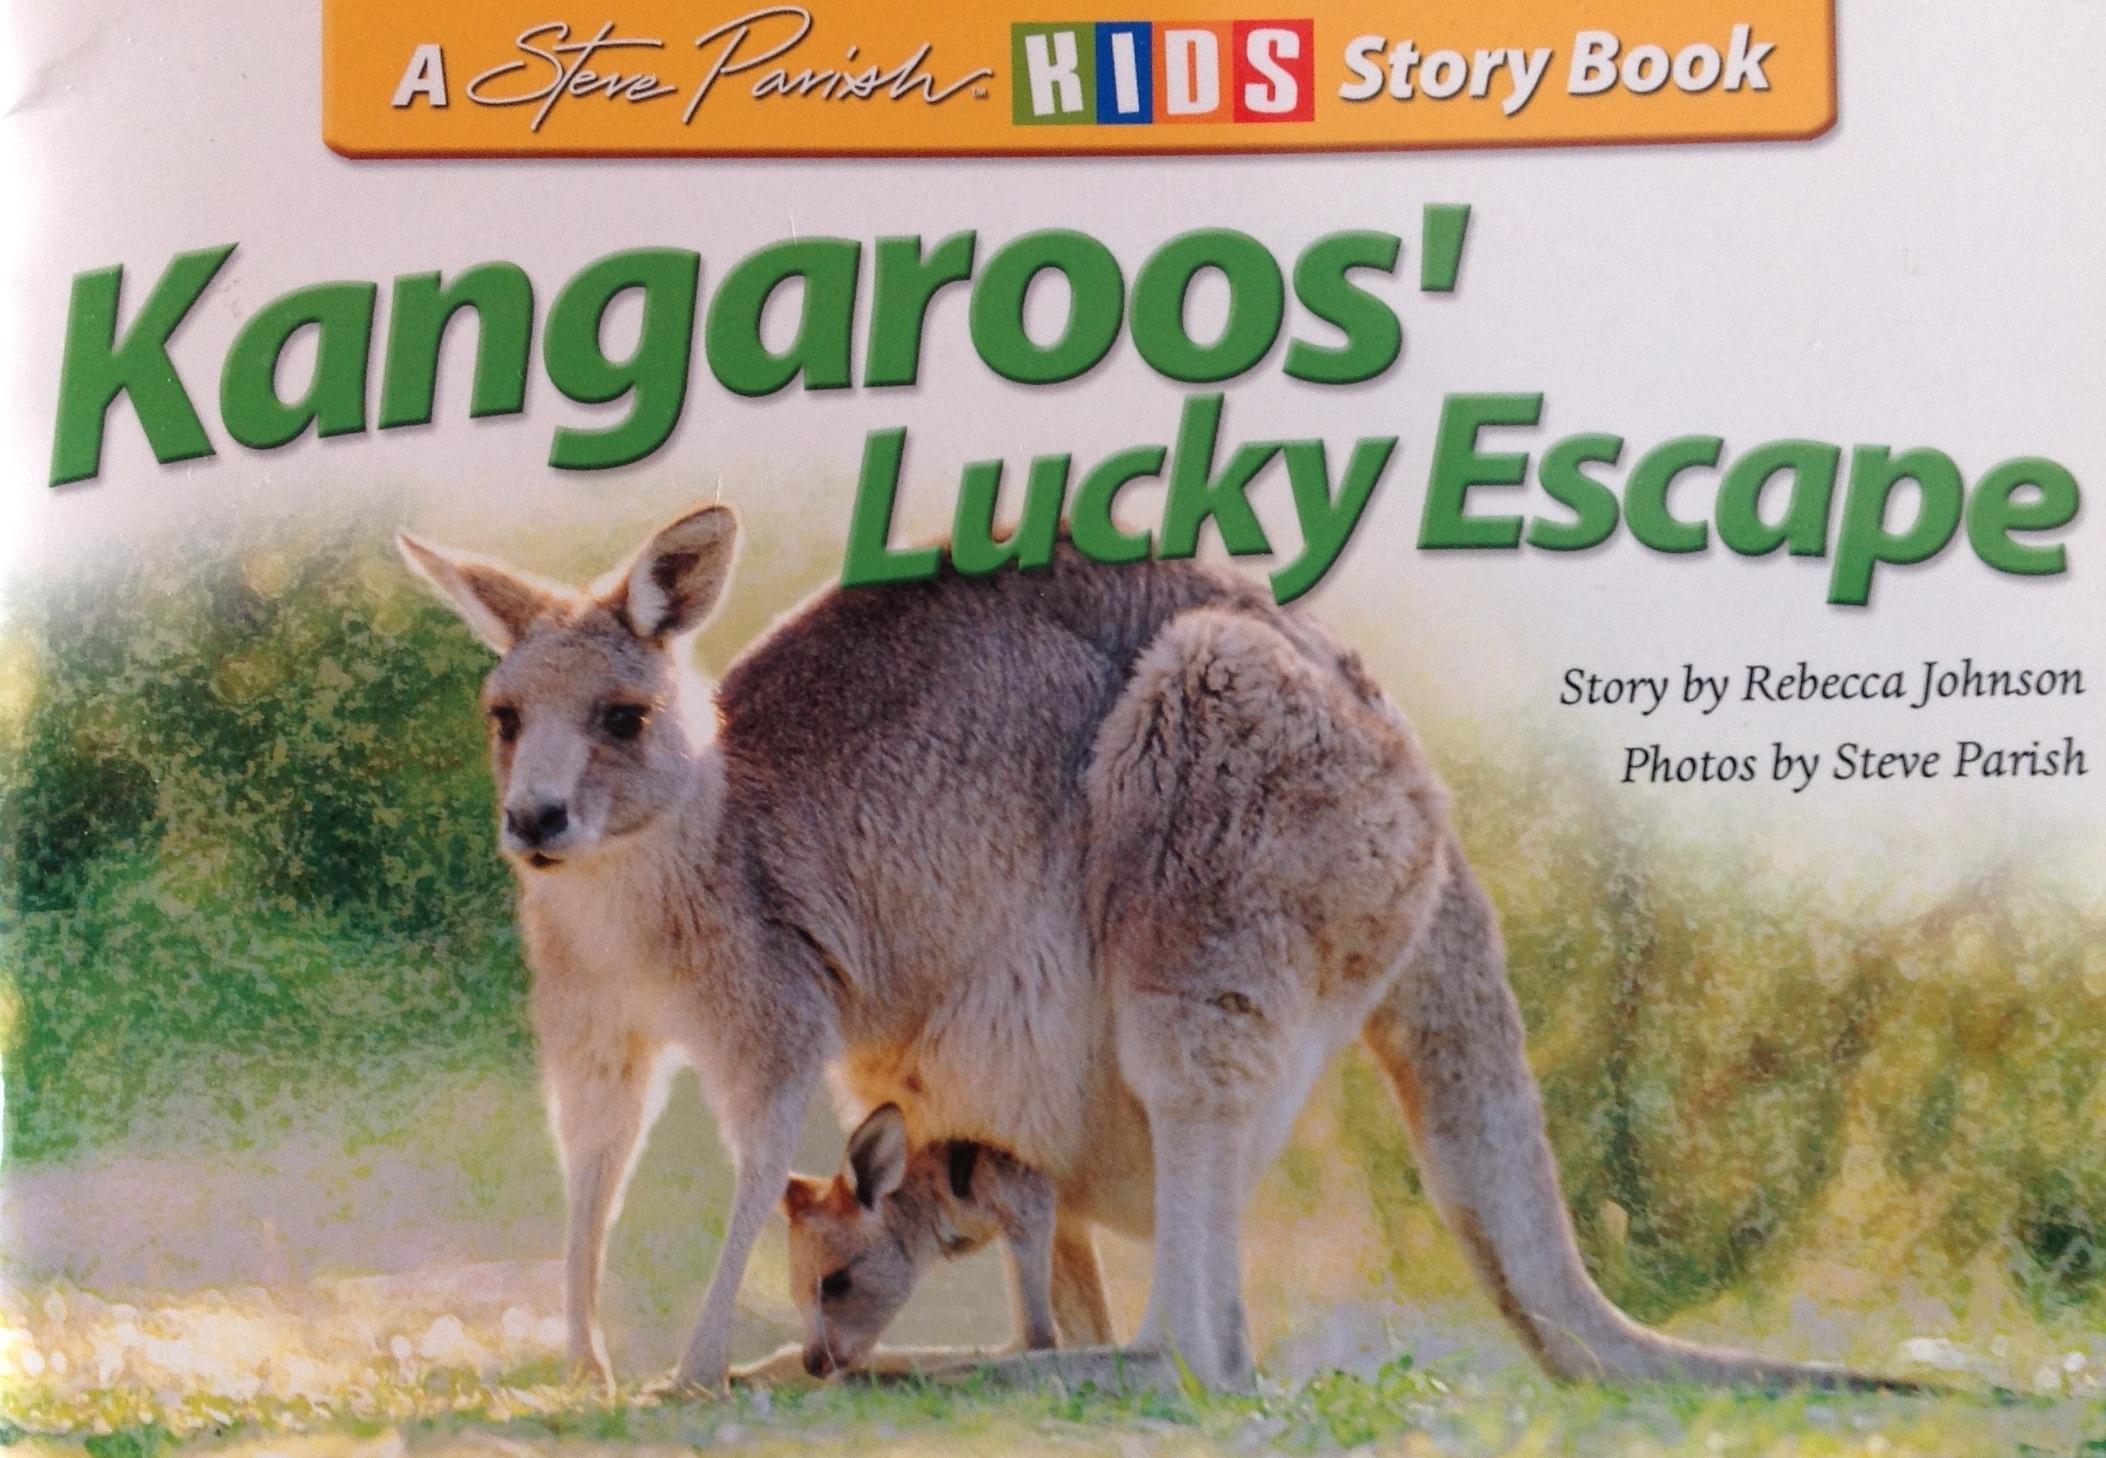 Kangaroo's Lucky Esc...